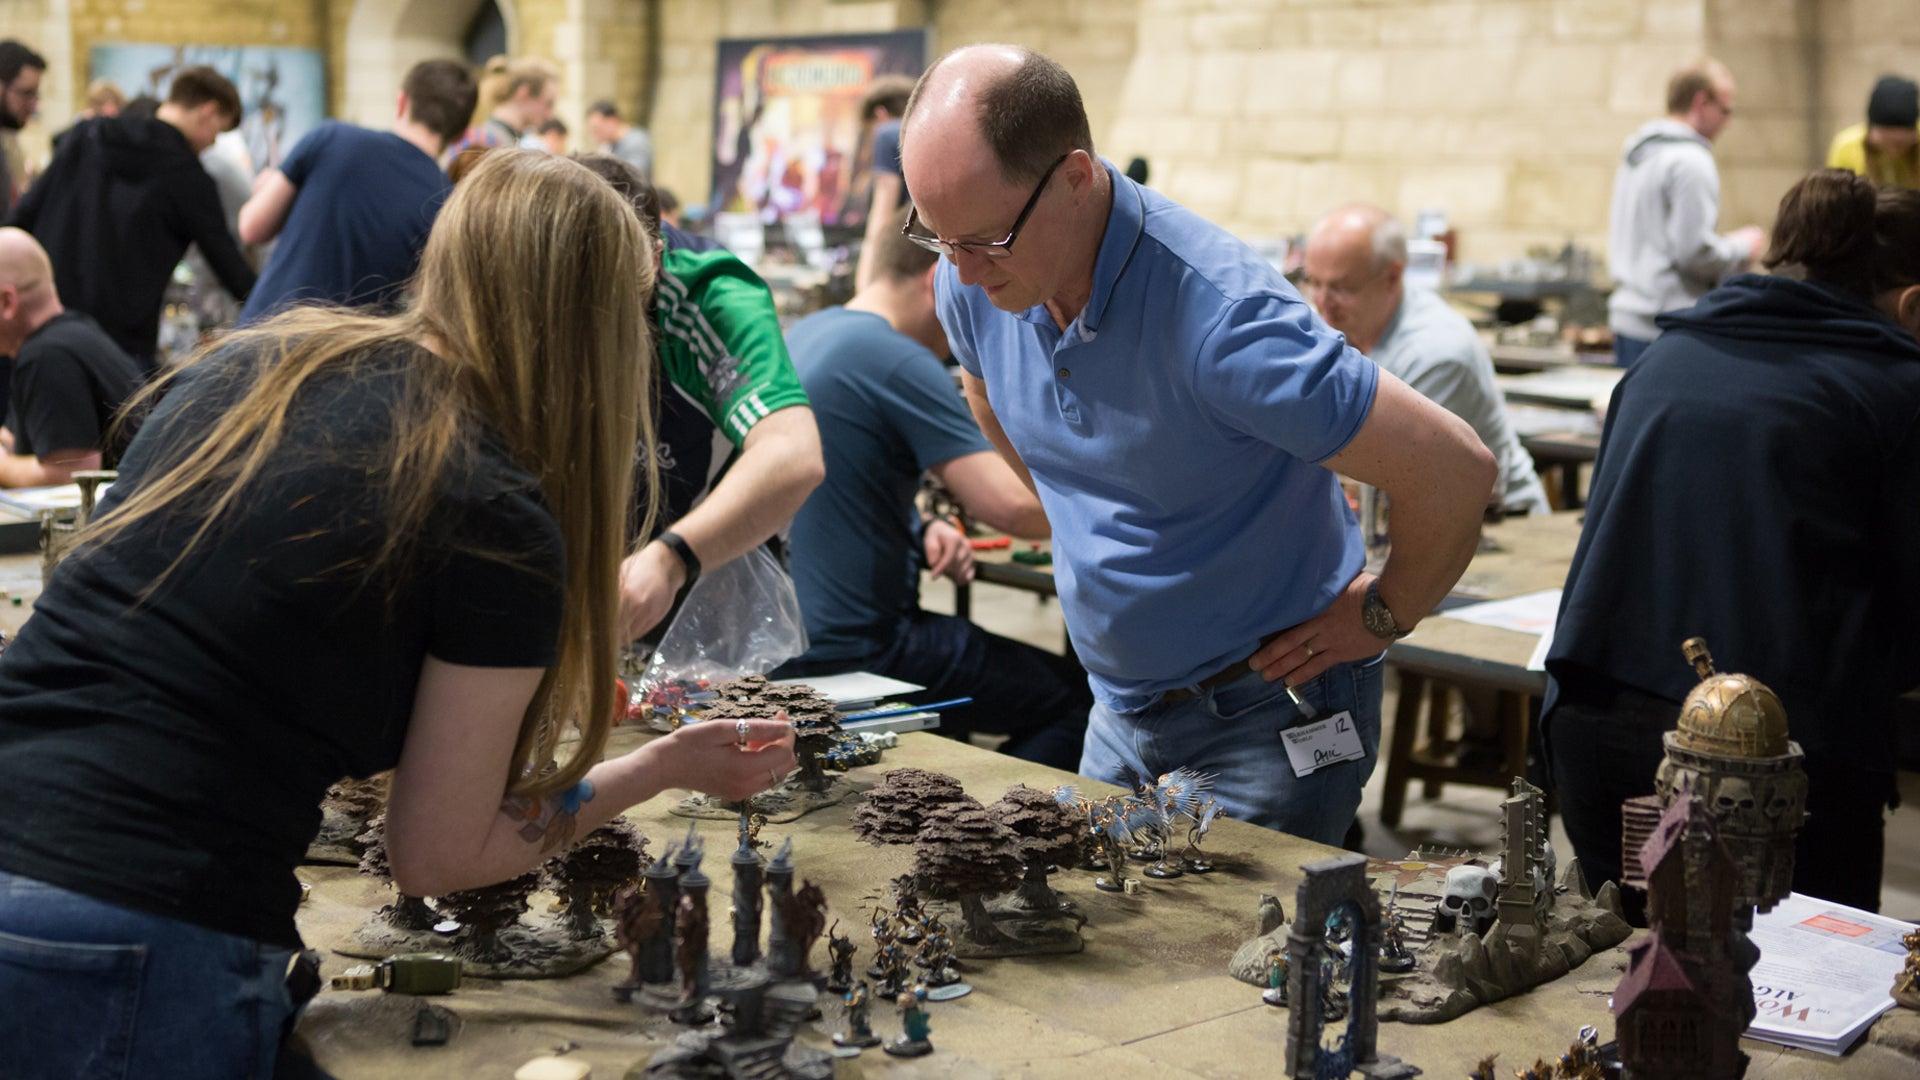 warhammer-age-of-sigmar-people-playing-warhammer-world.jpg